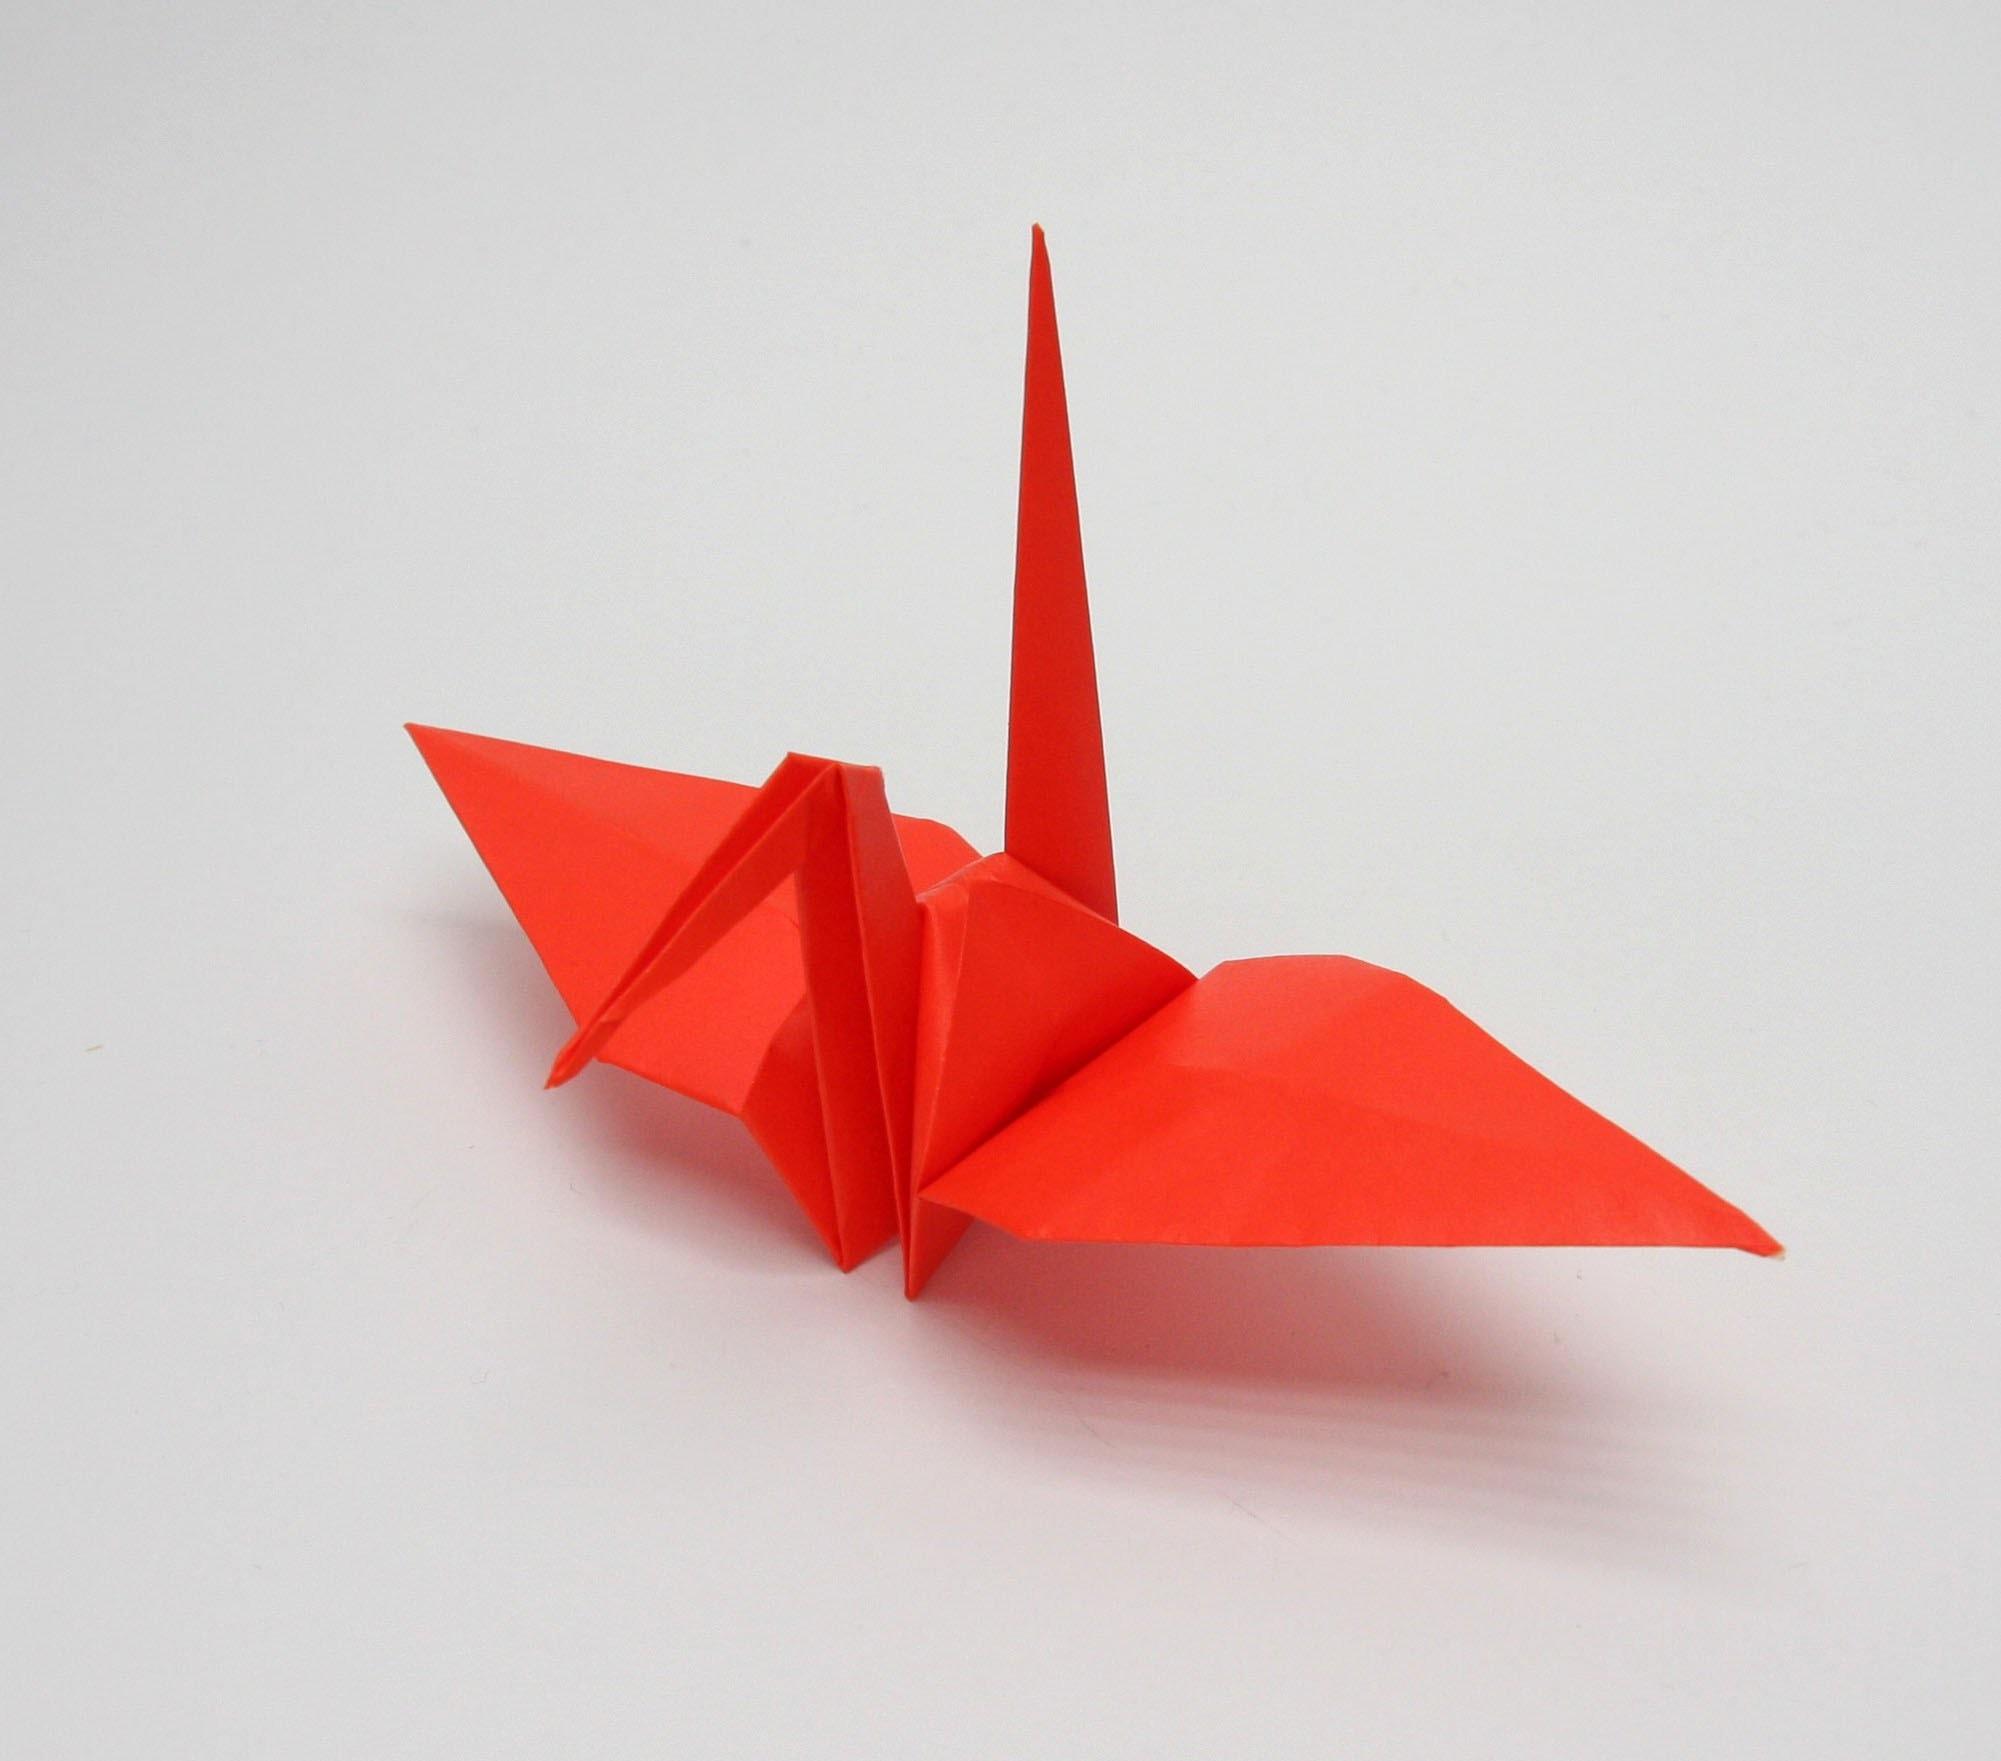 ¡Vamos a hacer origami! Tradicional ave tsuru de Japón